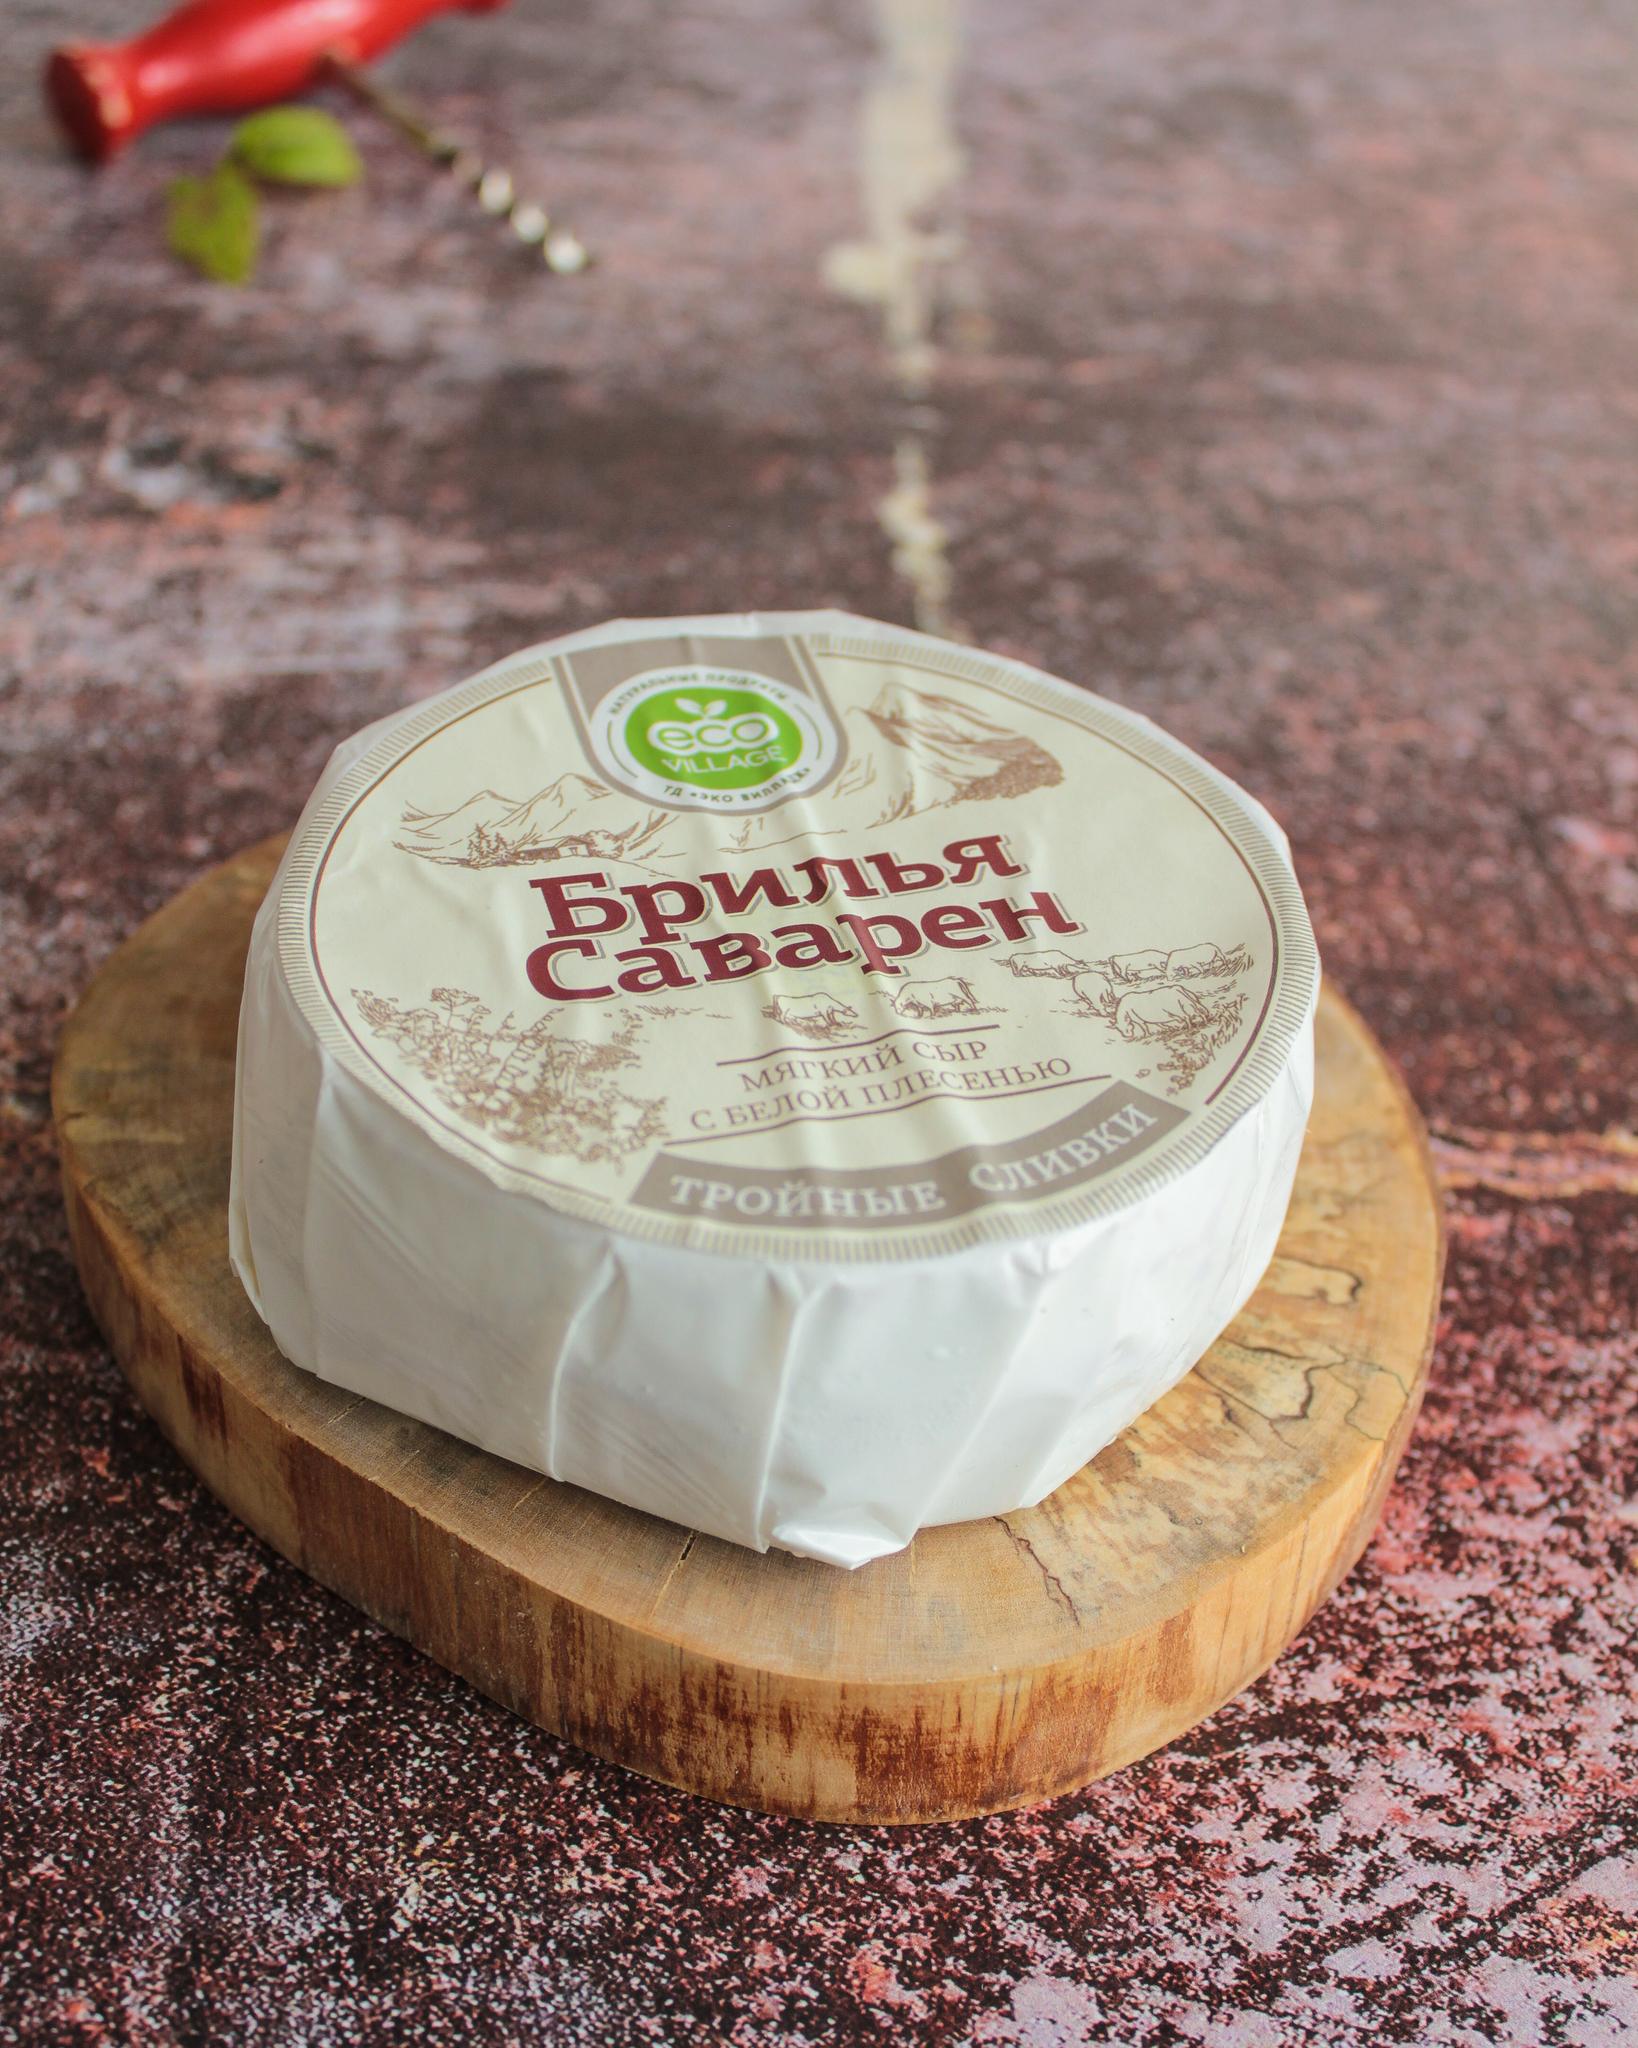 Сыр Брилья Саварен тройные сливки, 200гр